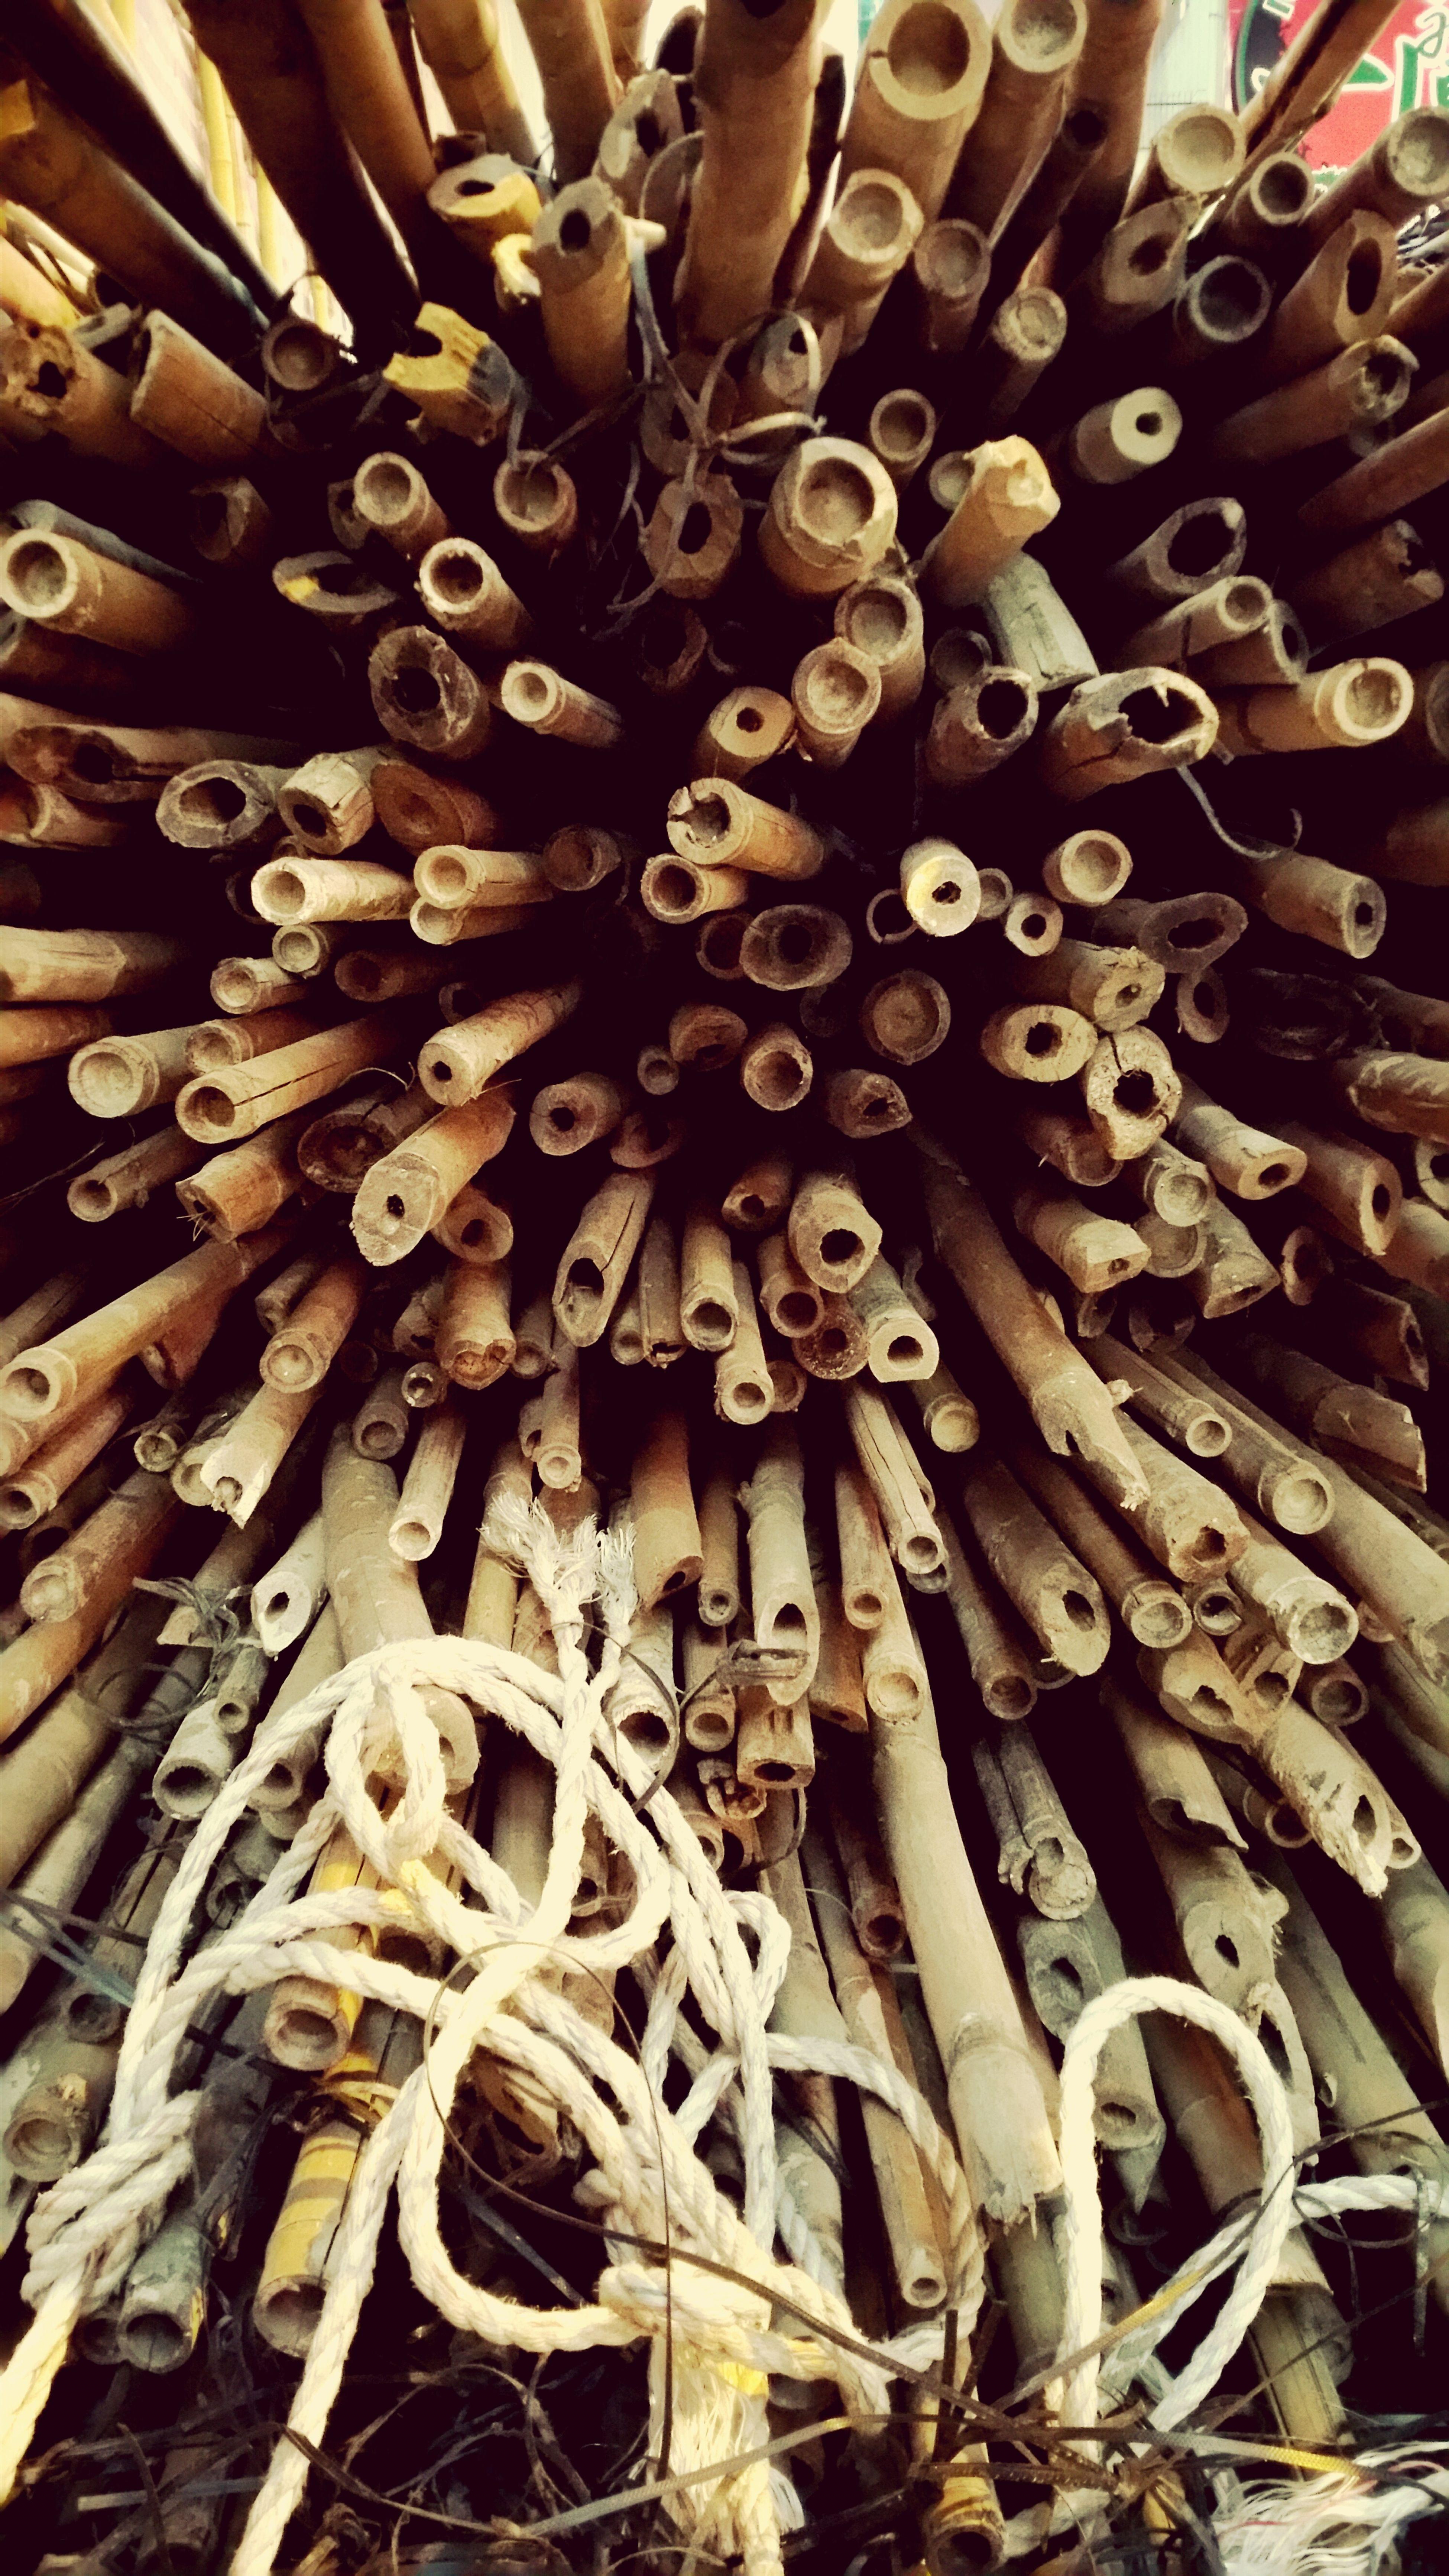 Bamboo, backbone of skyscraper Construction.